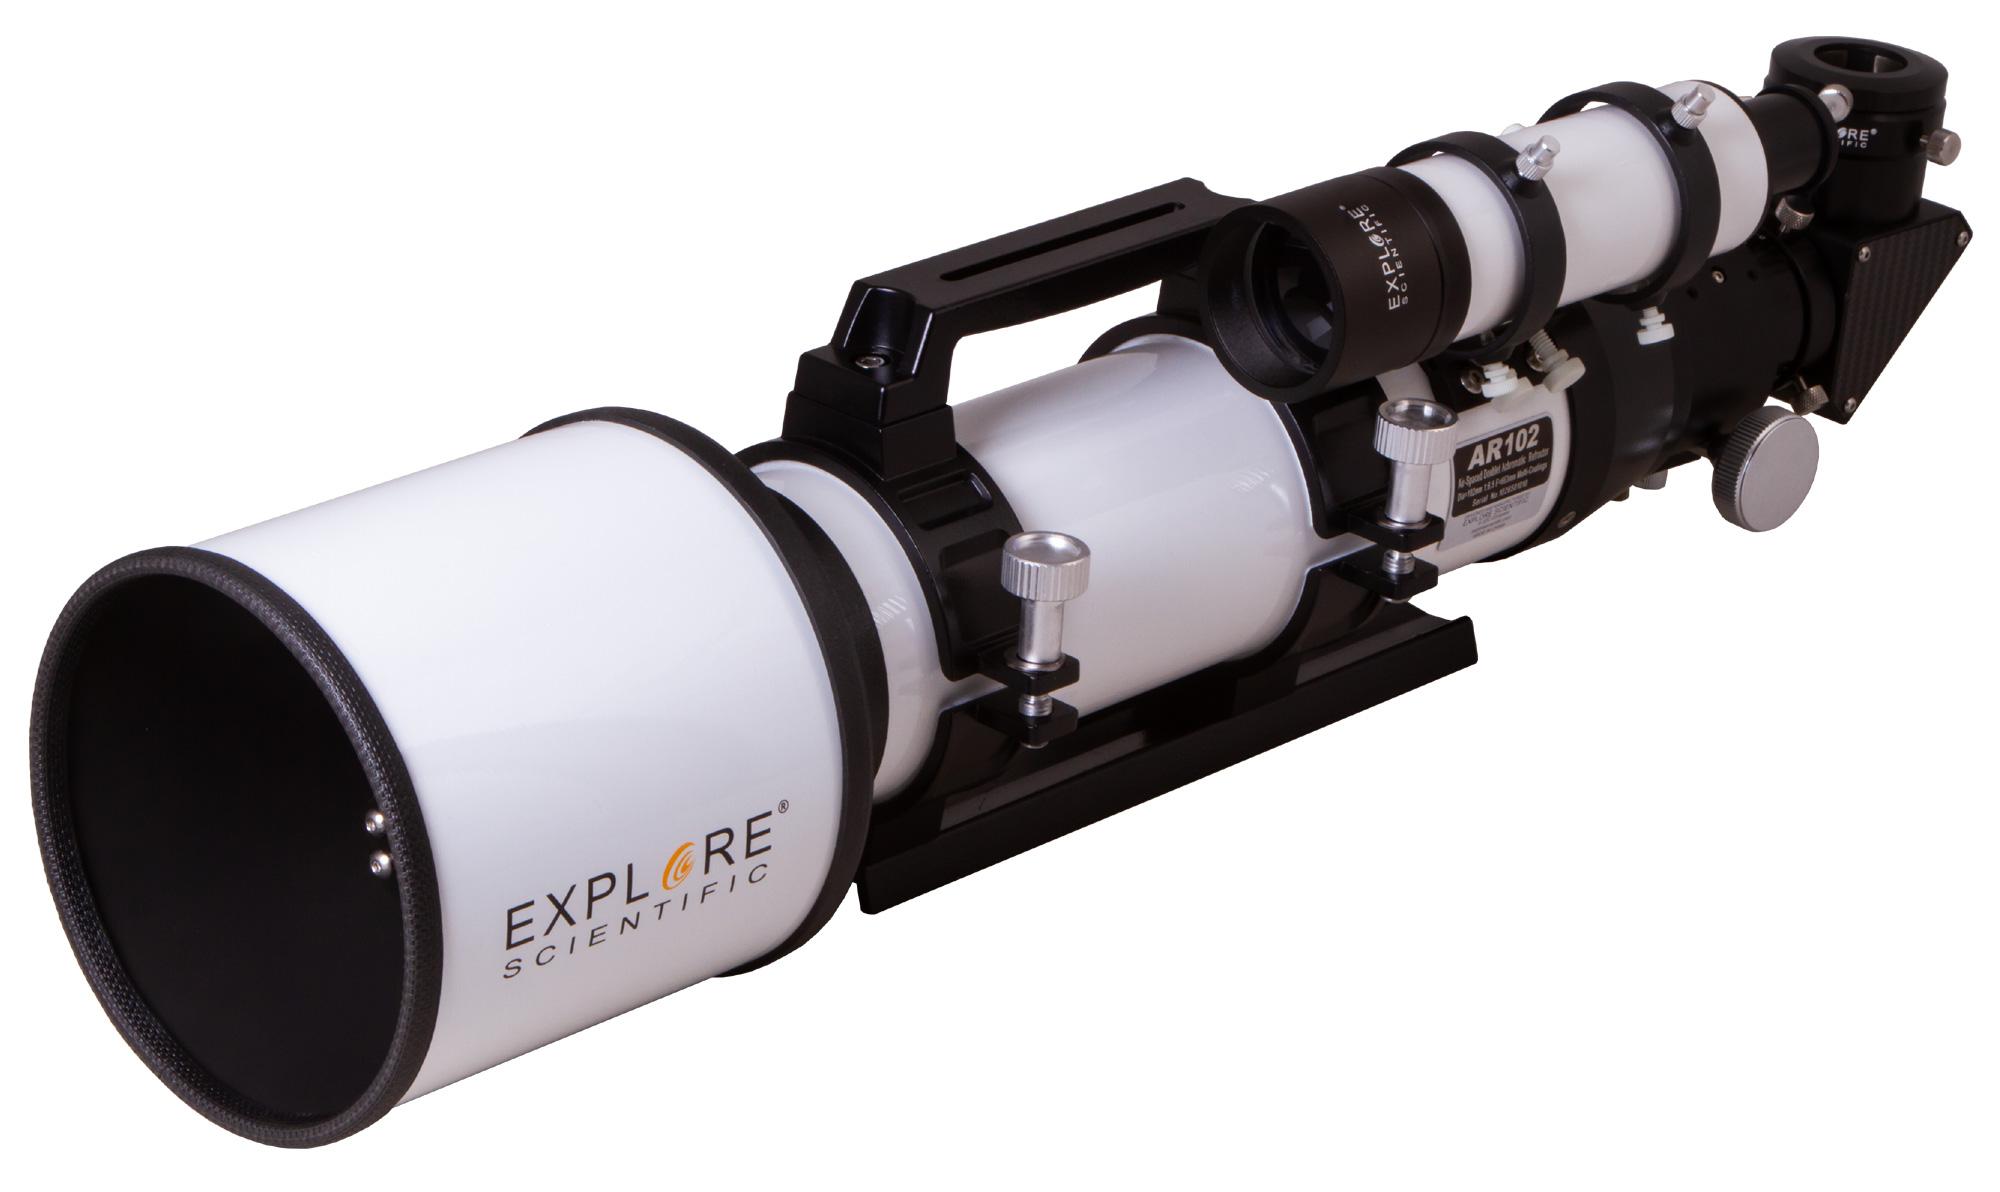 Труба оптическая Explore Scientific AR102 Air Spaced